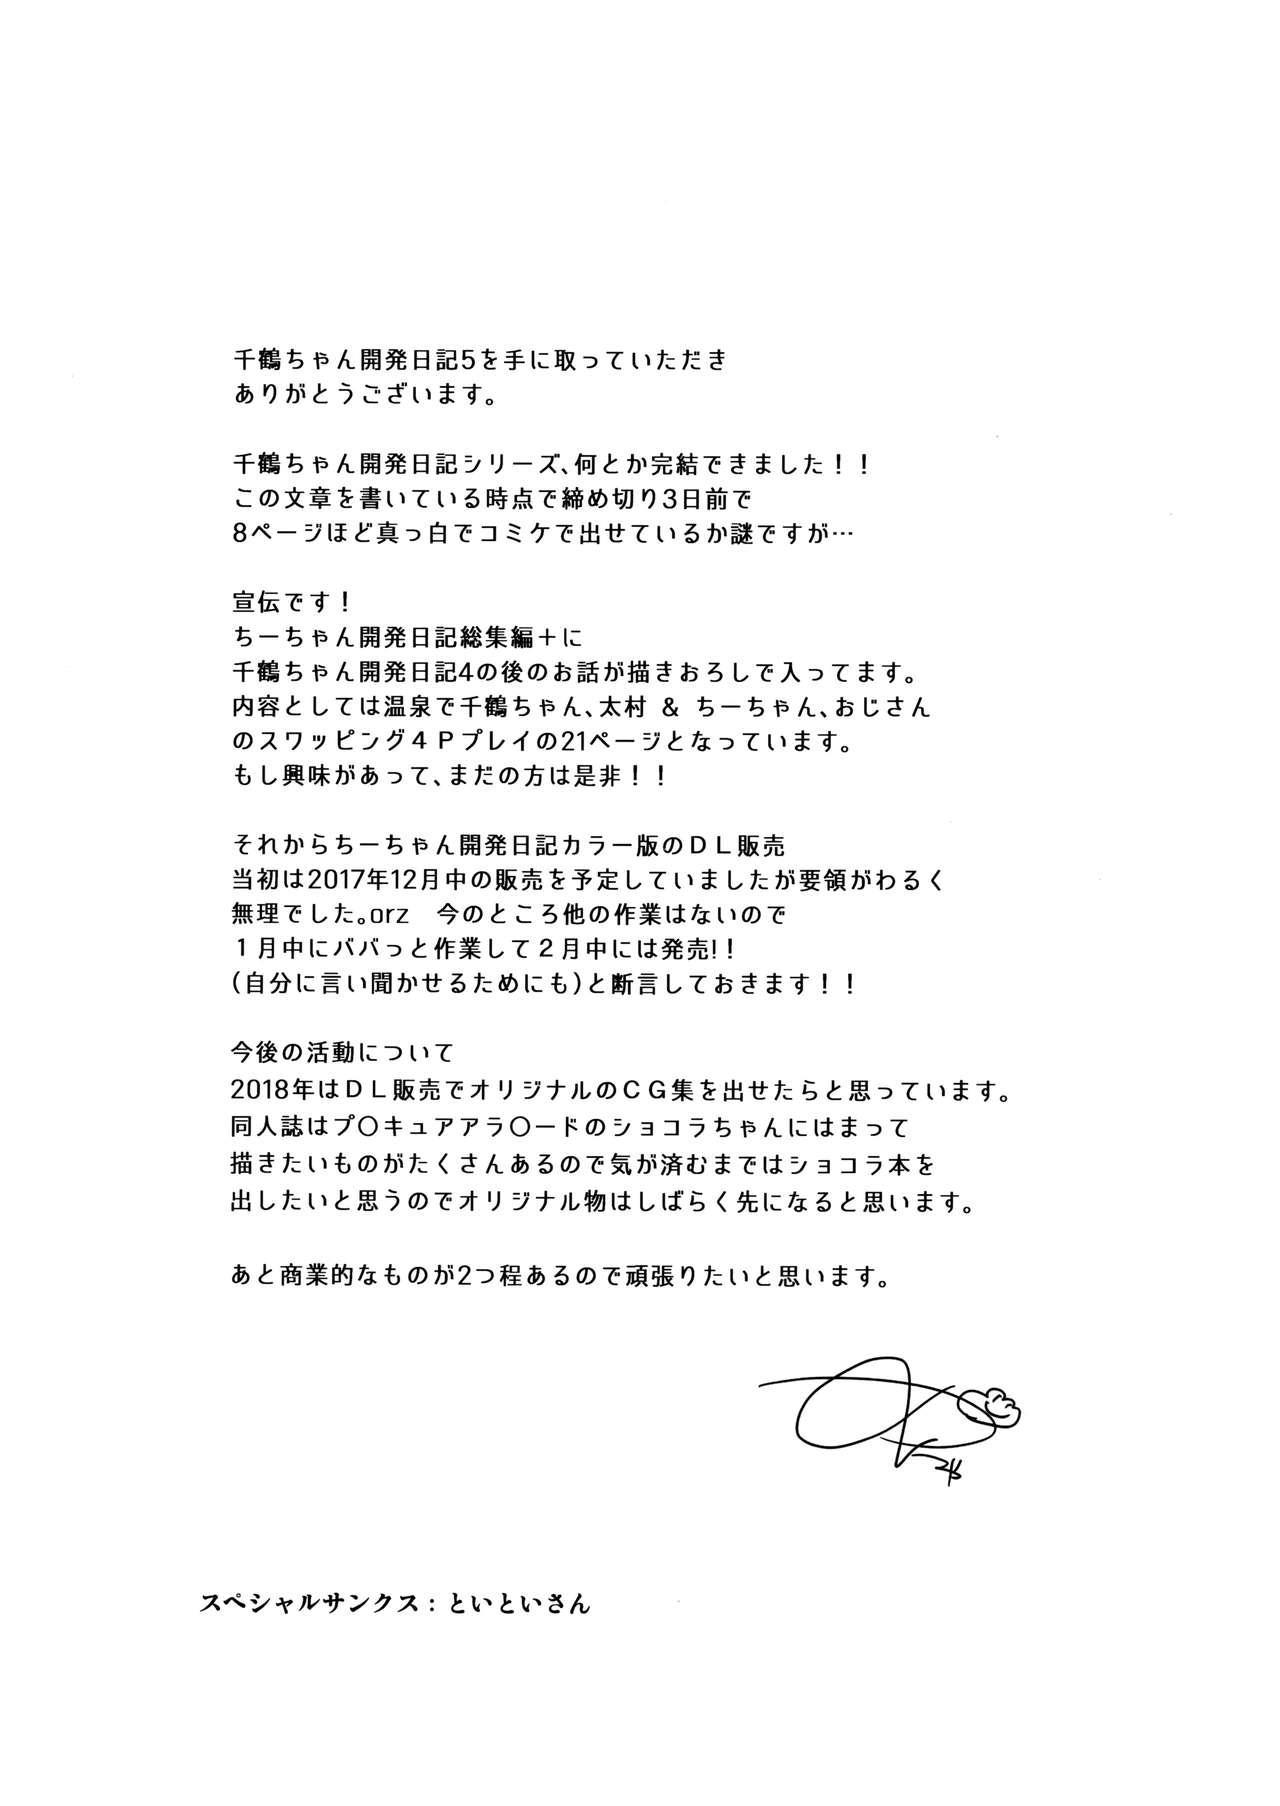 Chizuru-chan Kaihatsu Nikki 5 31